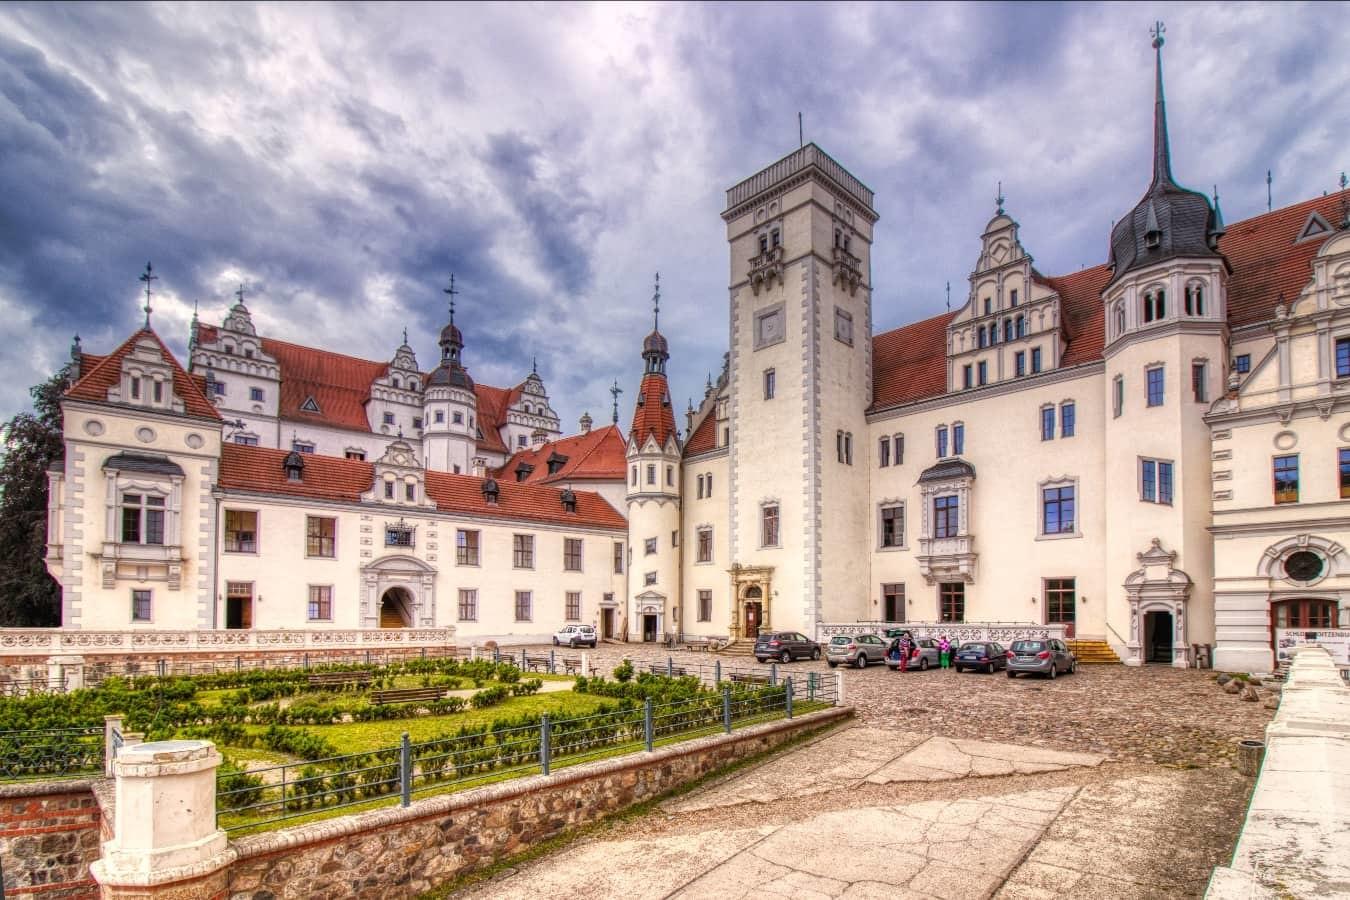 Schloss Boizenburg